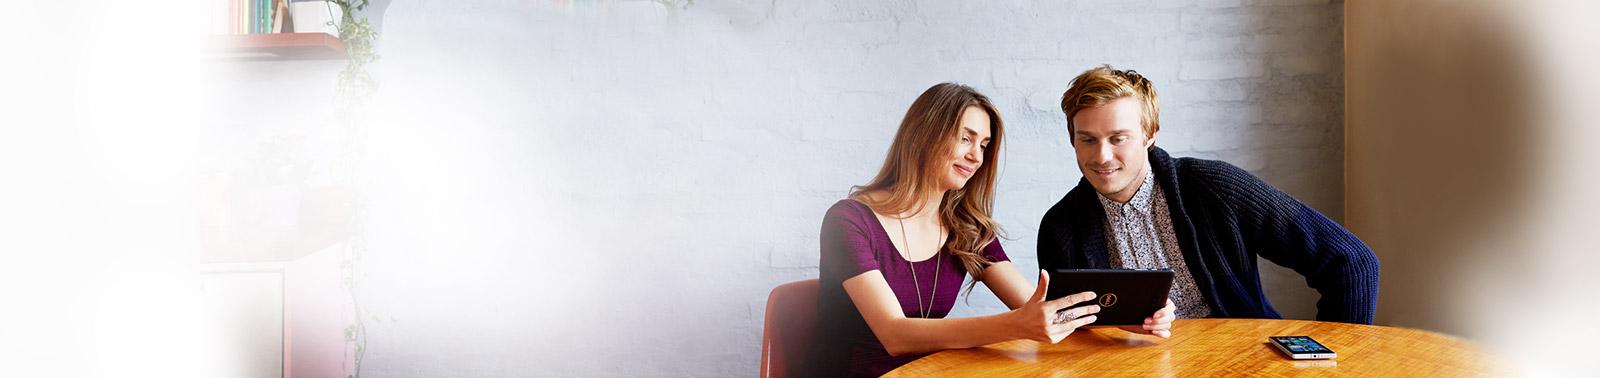 Nainen, joka istuu pöydän ääressä ja näyttää pitelemäänsä tablettia vieressään istuvalle miehelle.